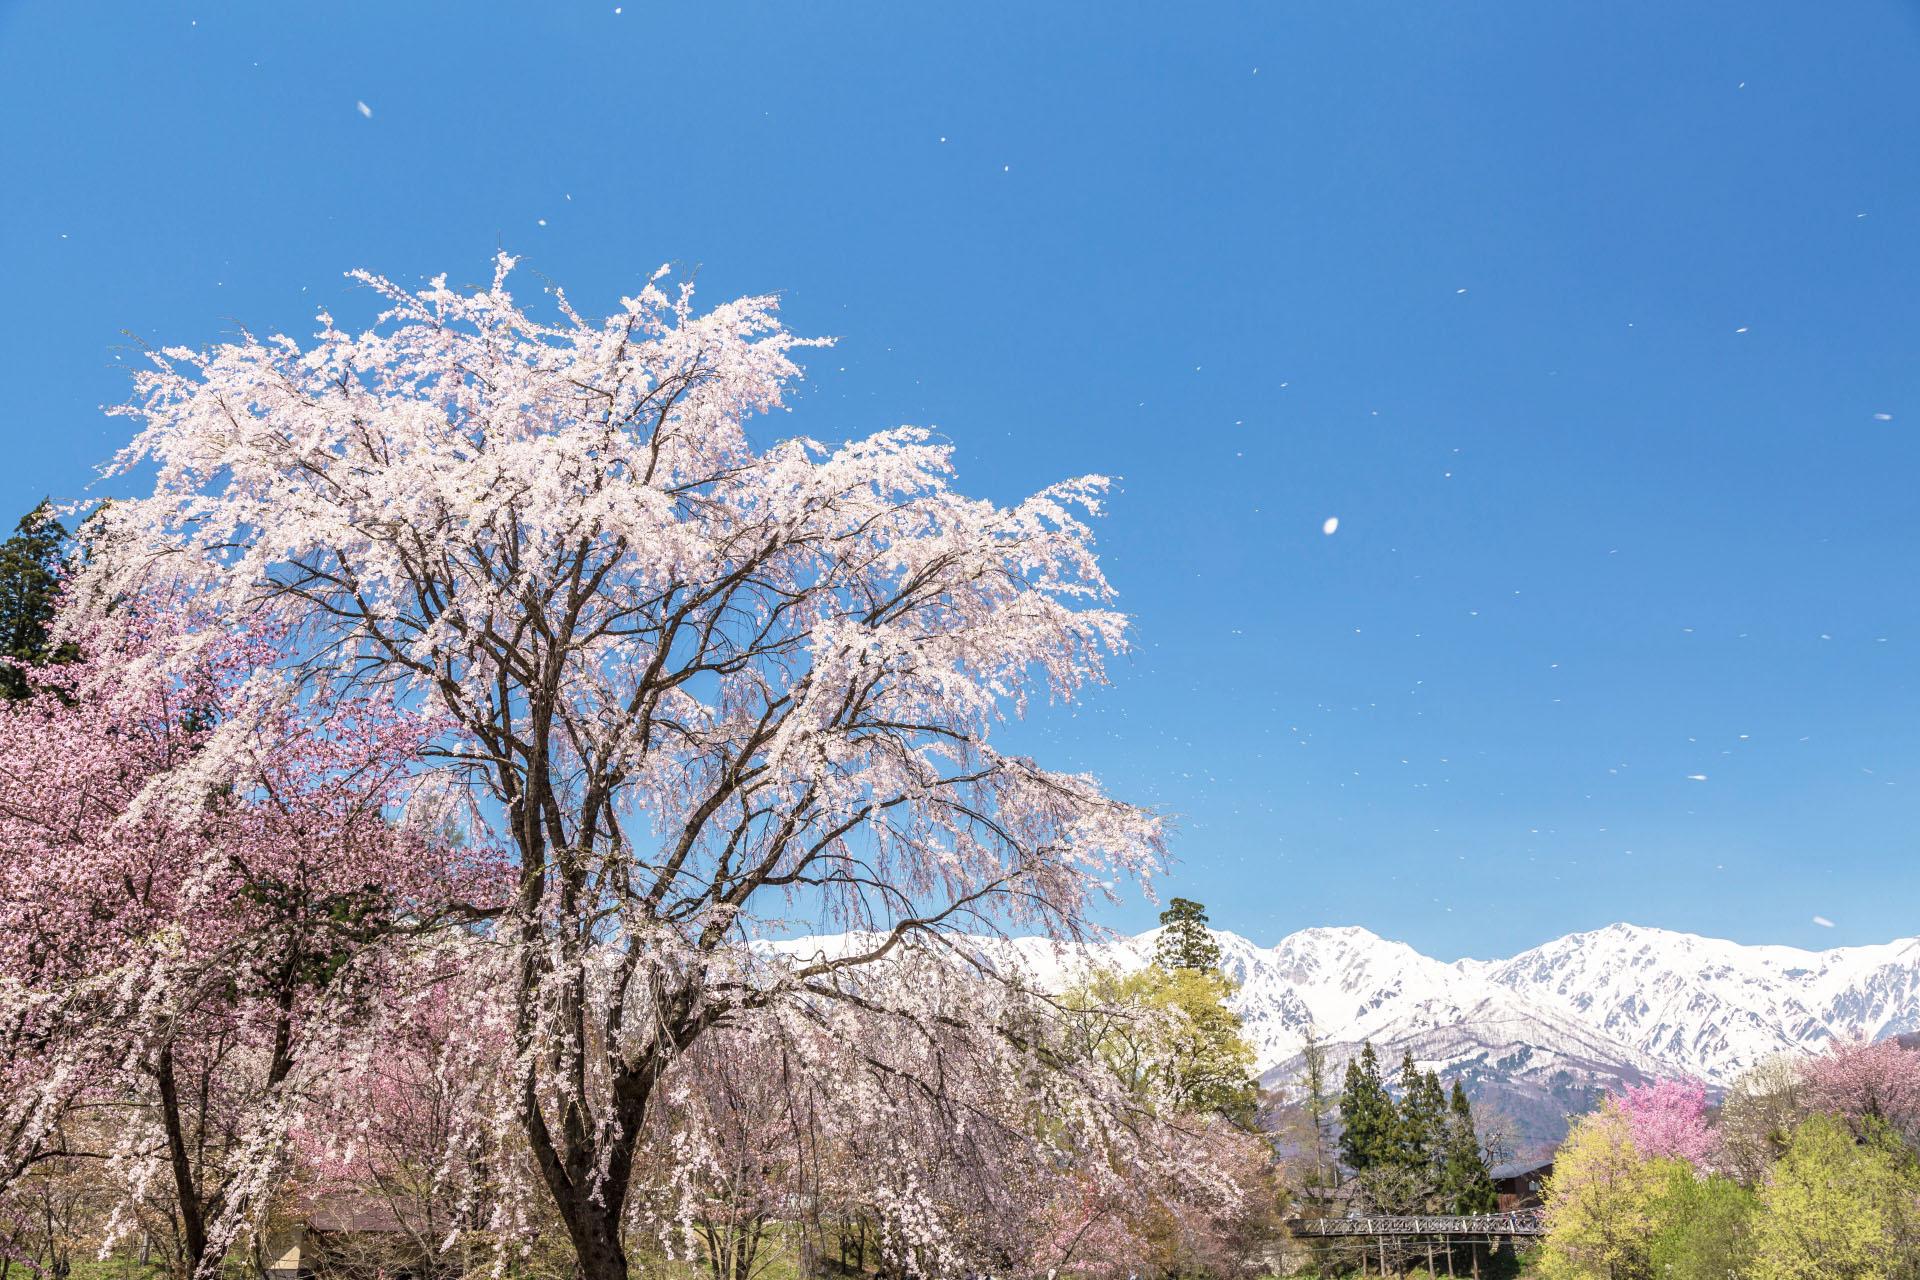 桜と白馬連峰 長野の風景